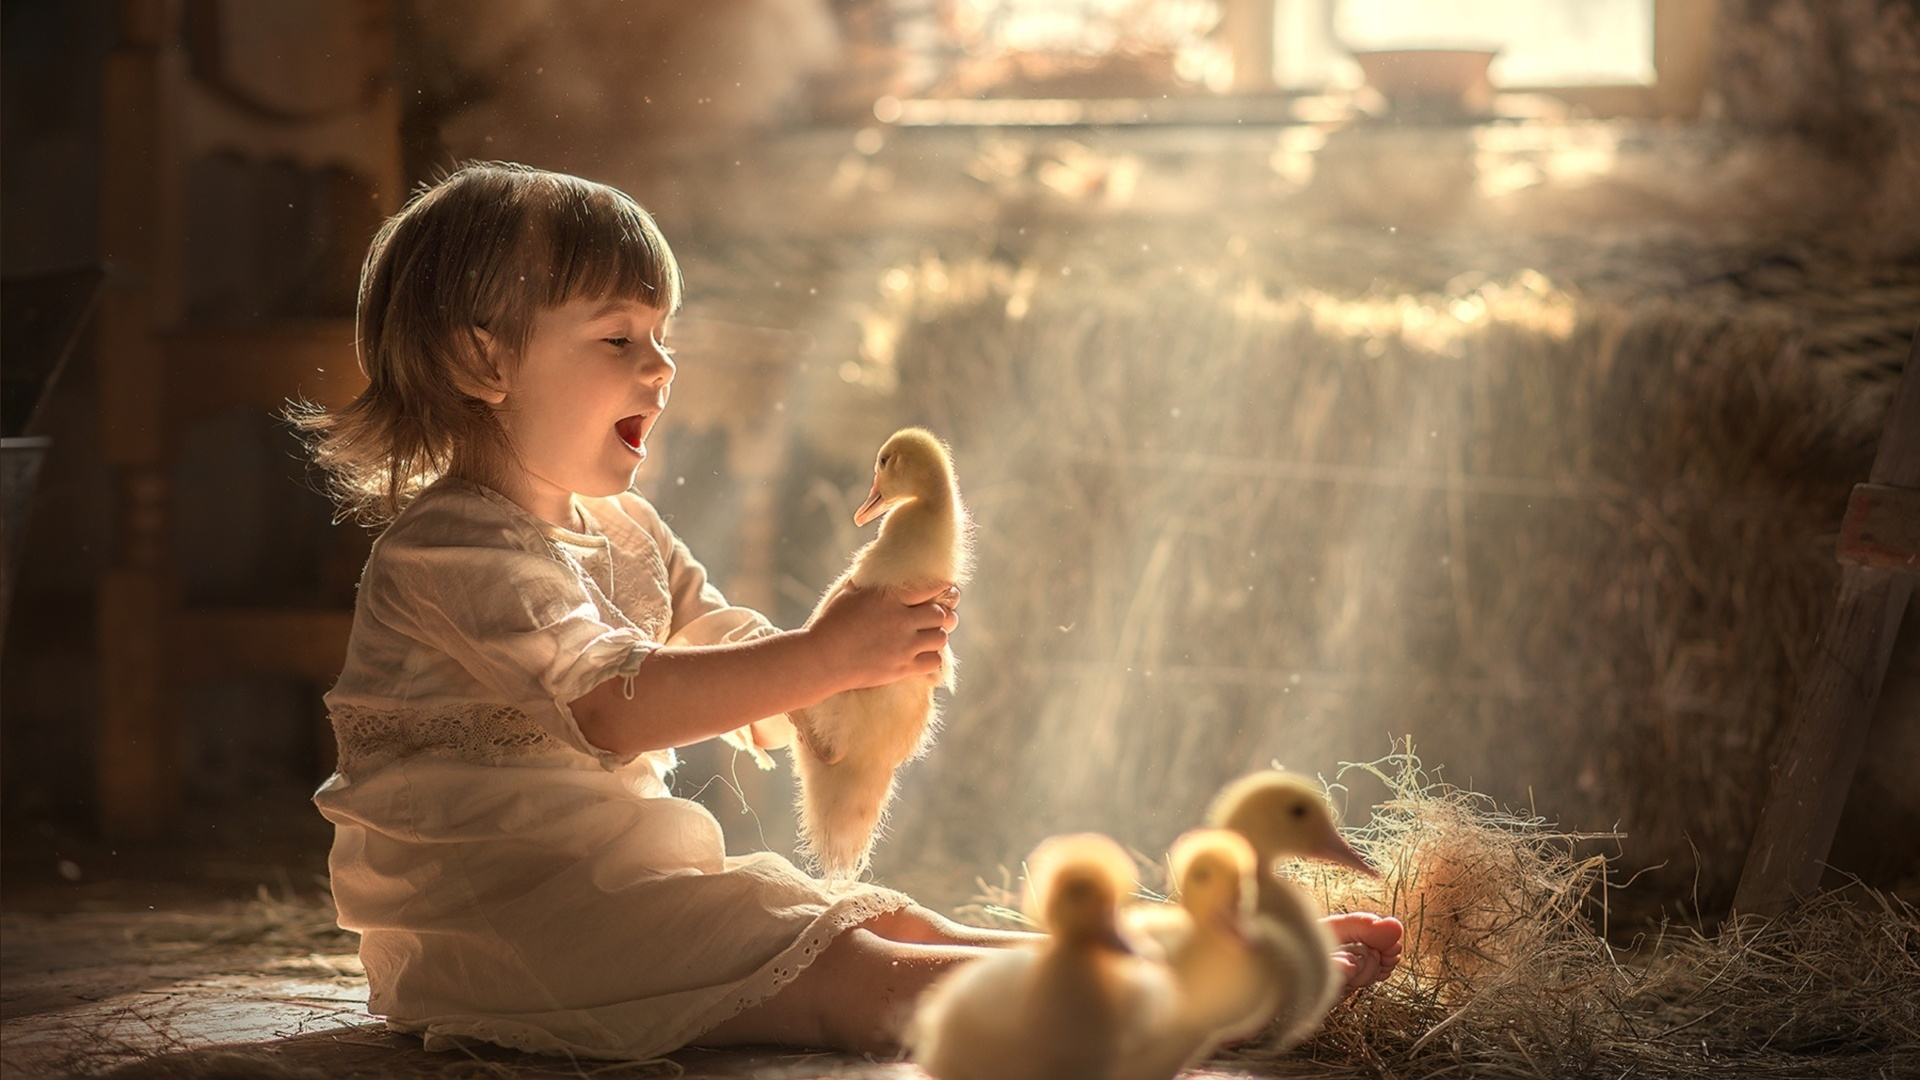 ребёнок, девочка, малышка, птицы, гусята, сено, окно, свет